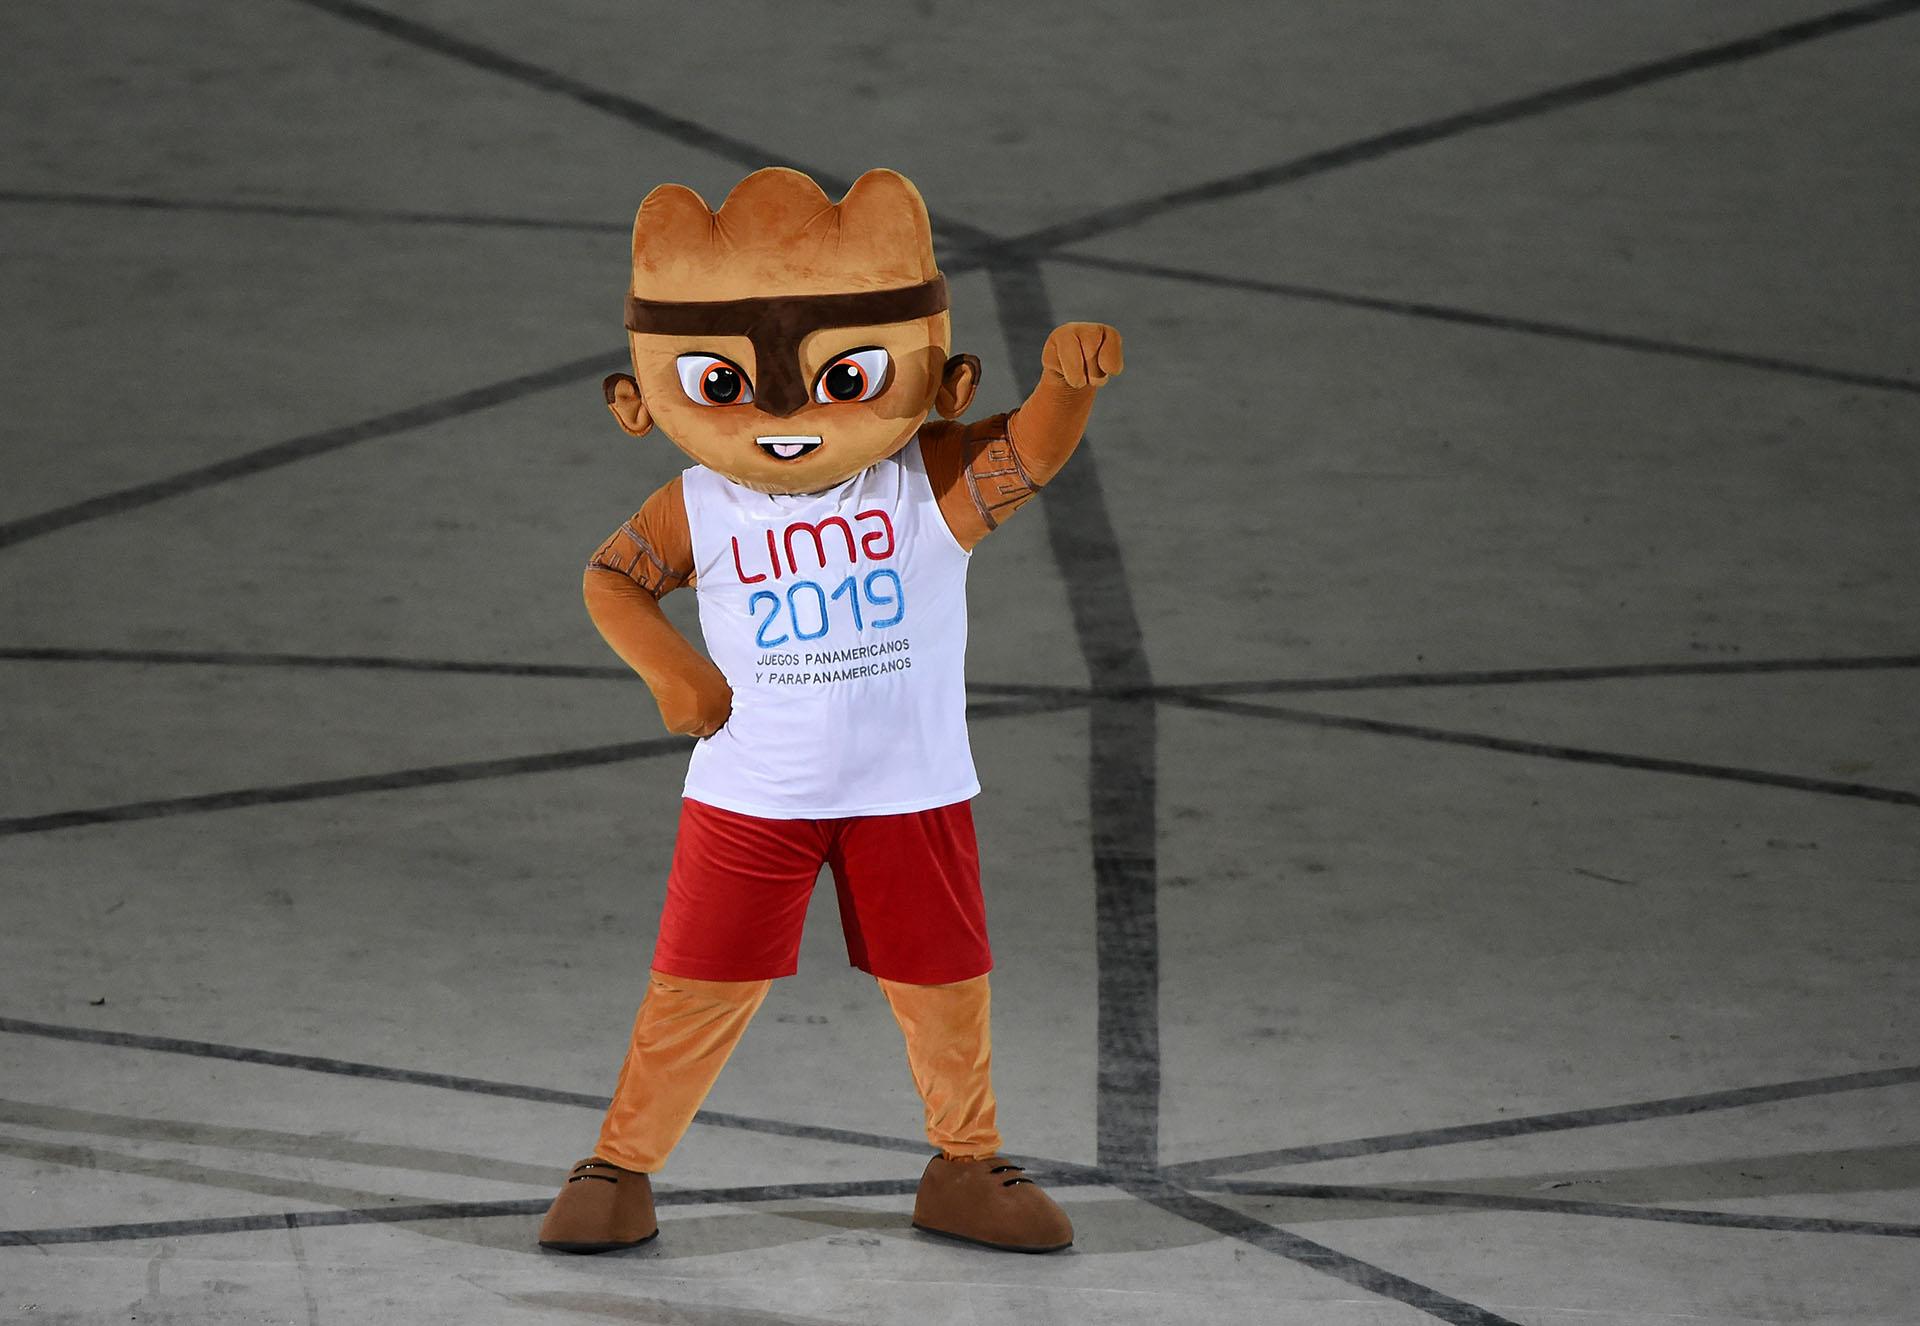 Milco, la mascota de Lima 2019 (Photo by Luis ROBAYO / AFP)